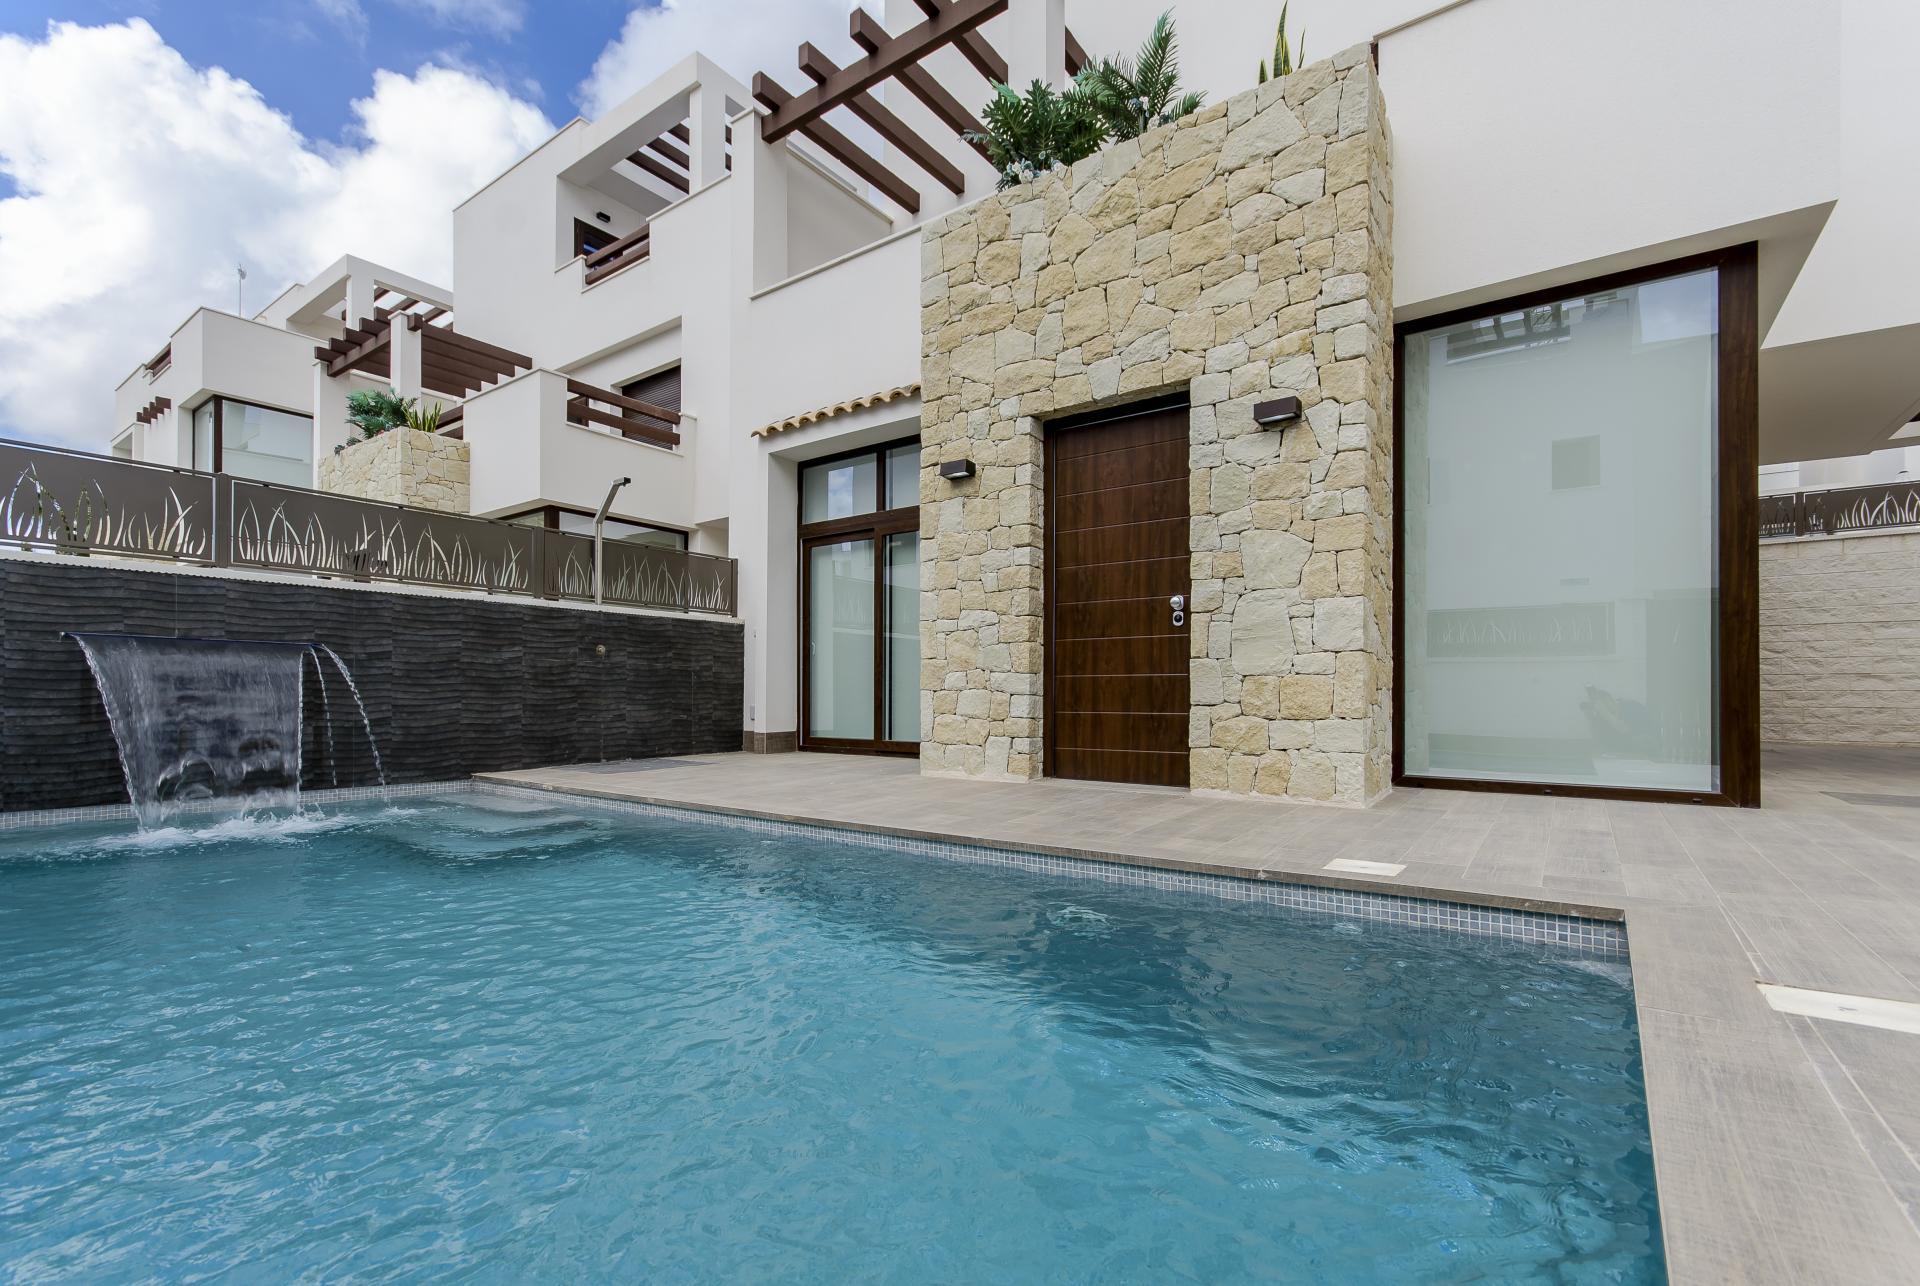 Verbluffende vrijstaande villa in Ciudad Quesada, Laguna Azul in Medvilla Spanje